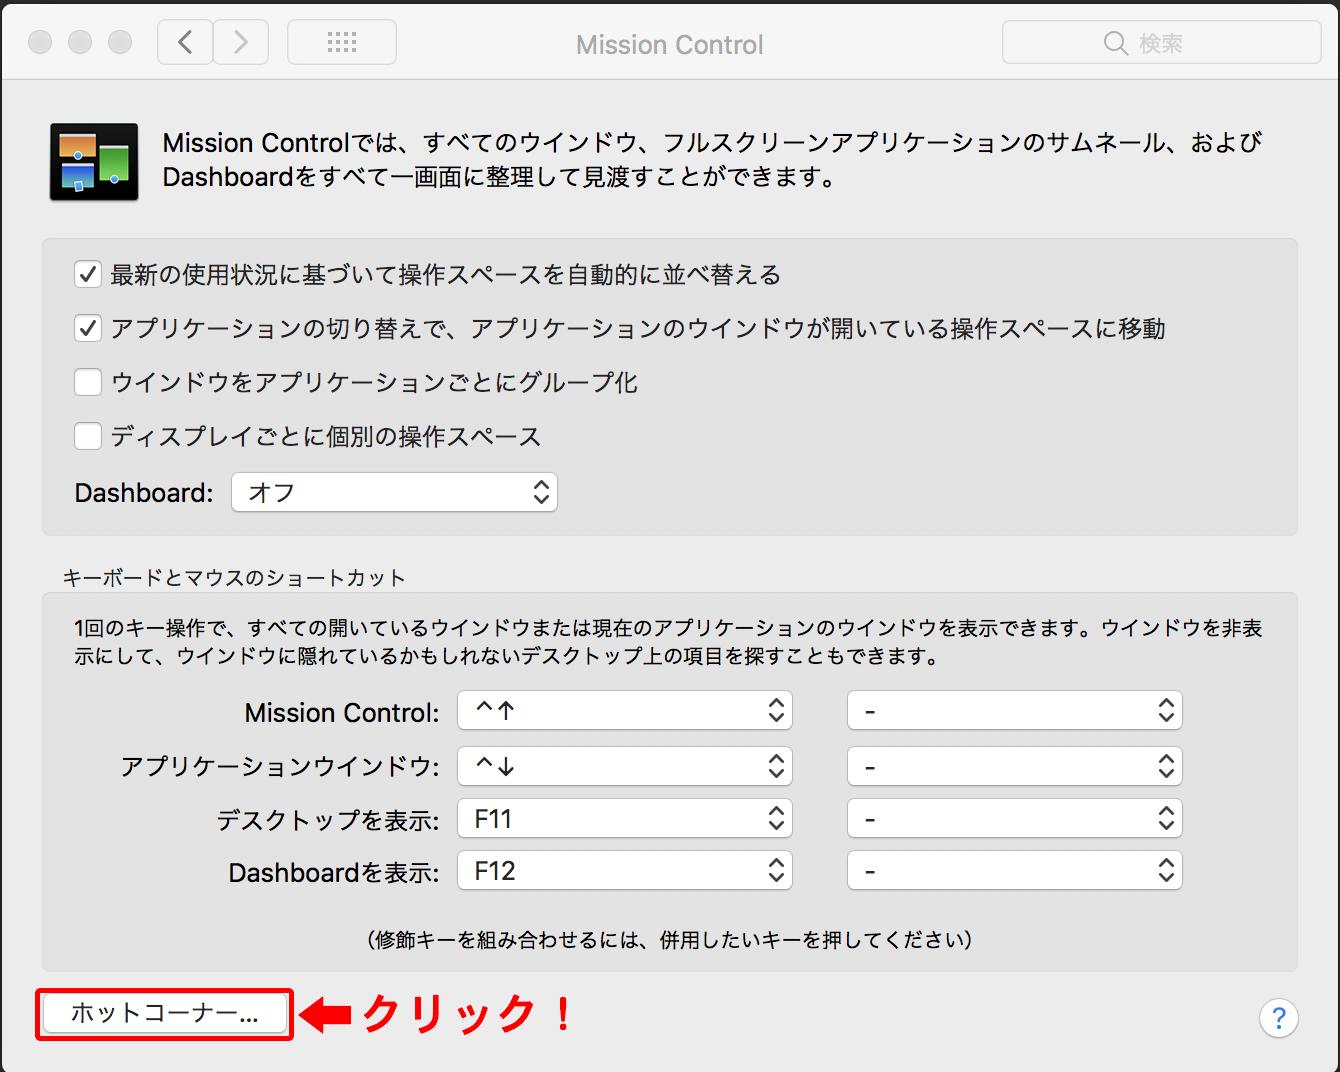 ホットコーナーの設定方法 「MissionControl」パネルを開きホットコーナーをクリックします